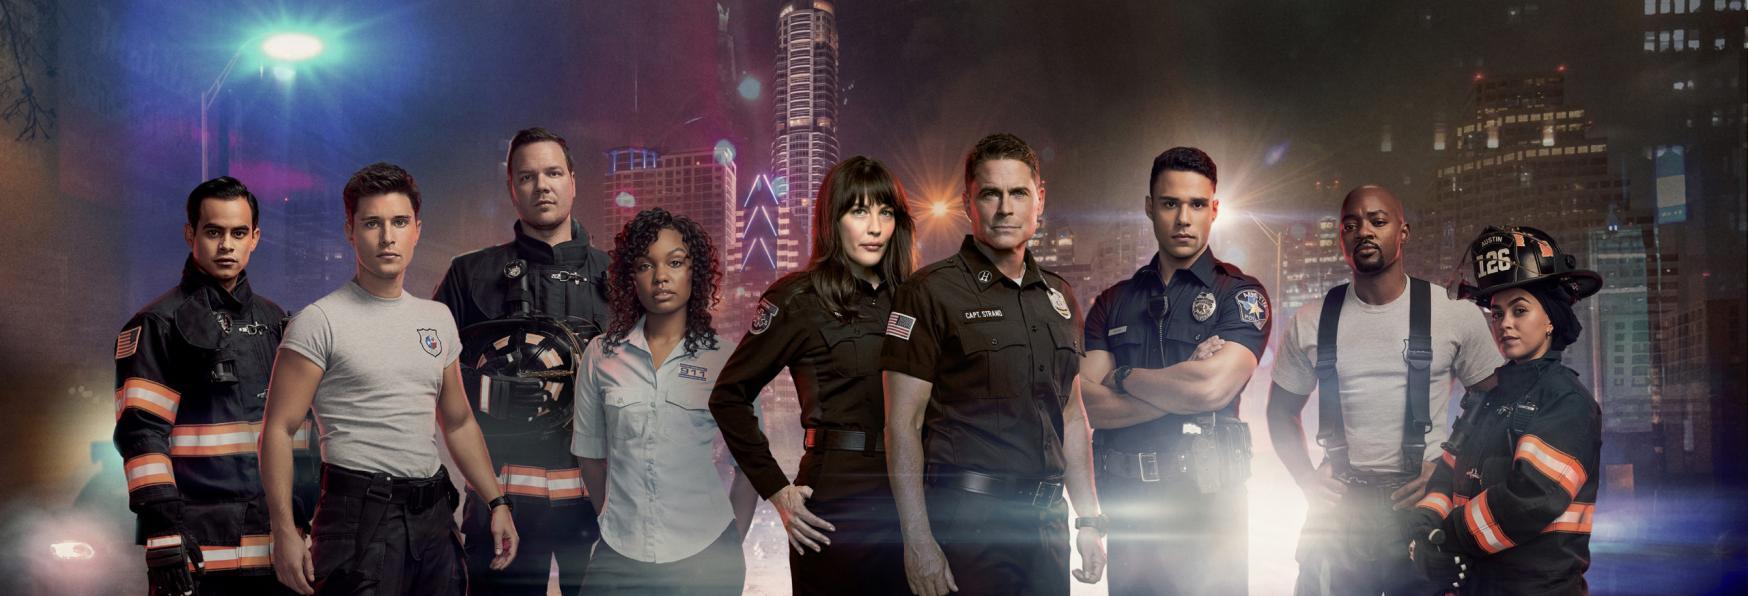 Когда выйдут новые сезоны «9-1-1», «9-1-1: Lone Star», «Prodigal Son» и «The Resident»